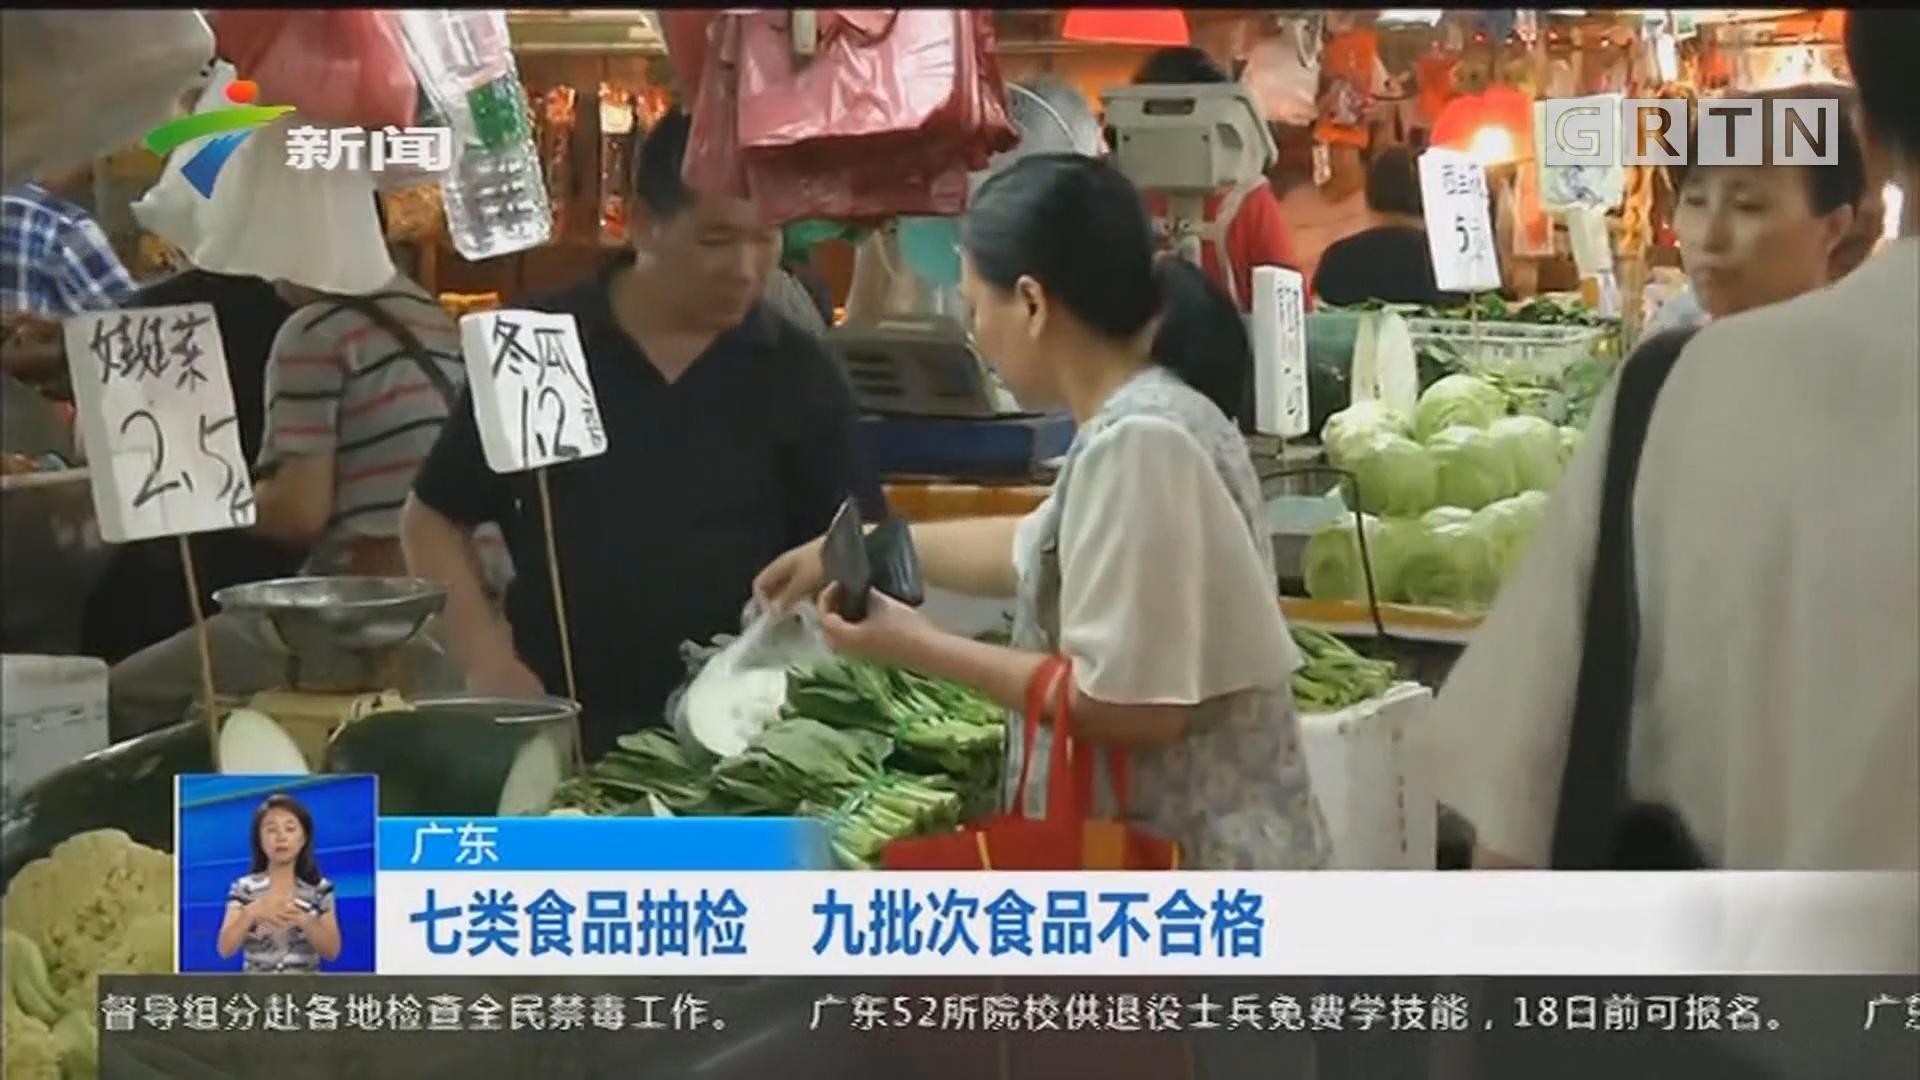 广东:七类食品抽检 九批次食品不合格